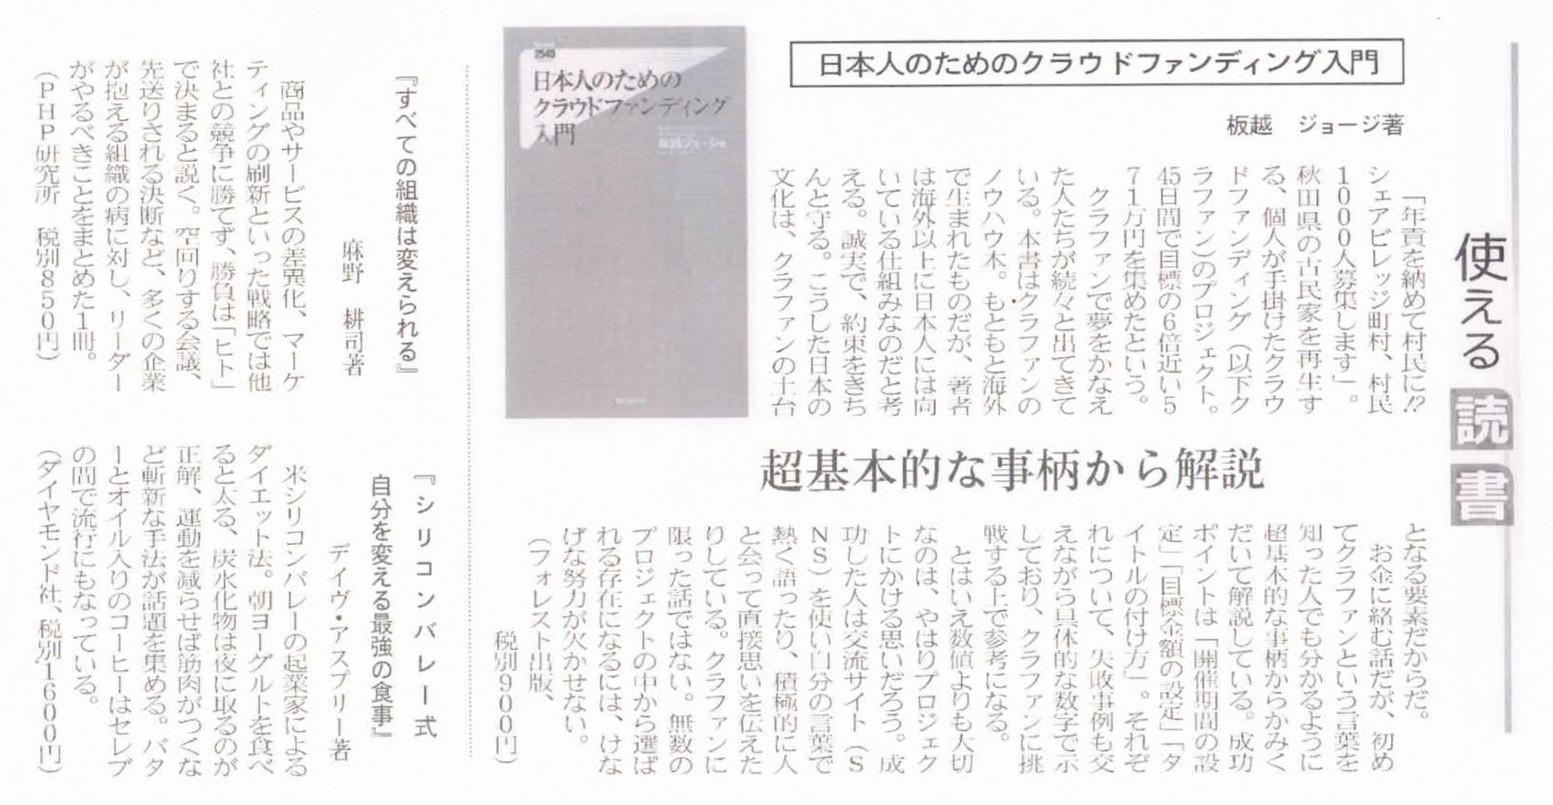 日経MJ(流通新聞)2015年11月11日